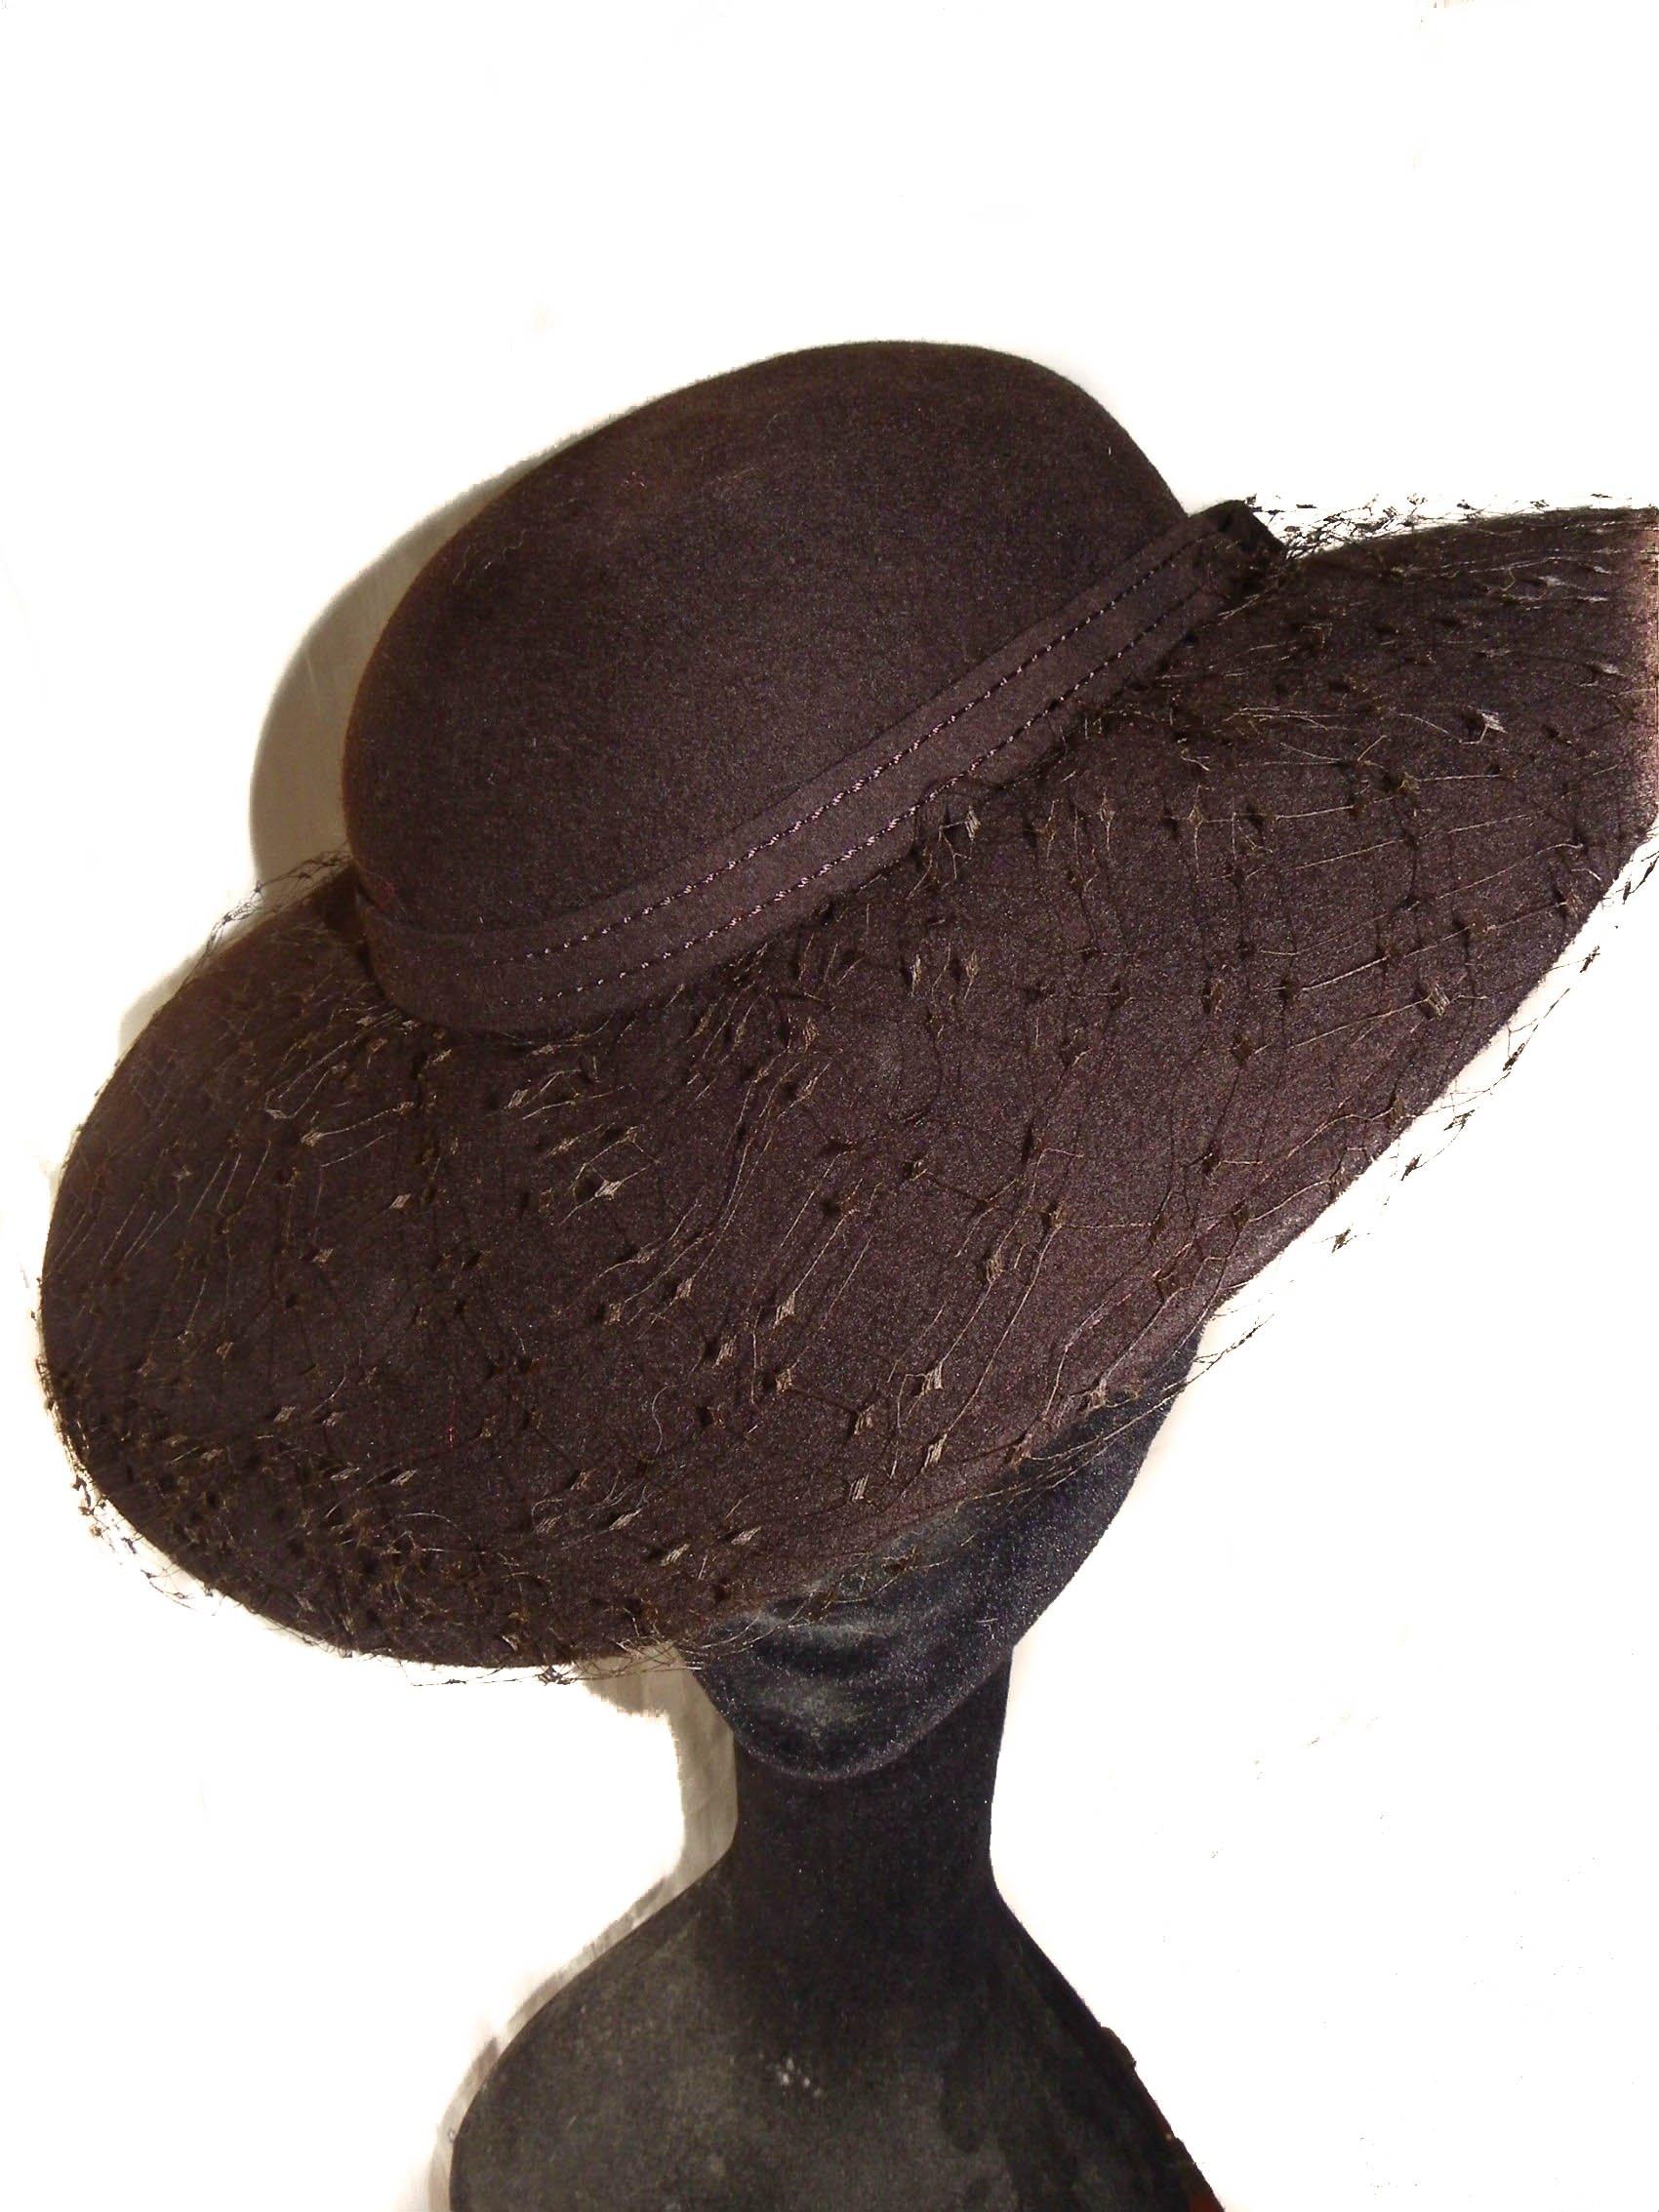 Wool Felt Fascinator In Chocolate Brown With Veil